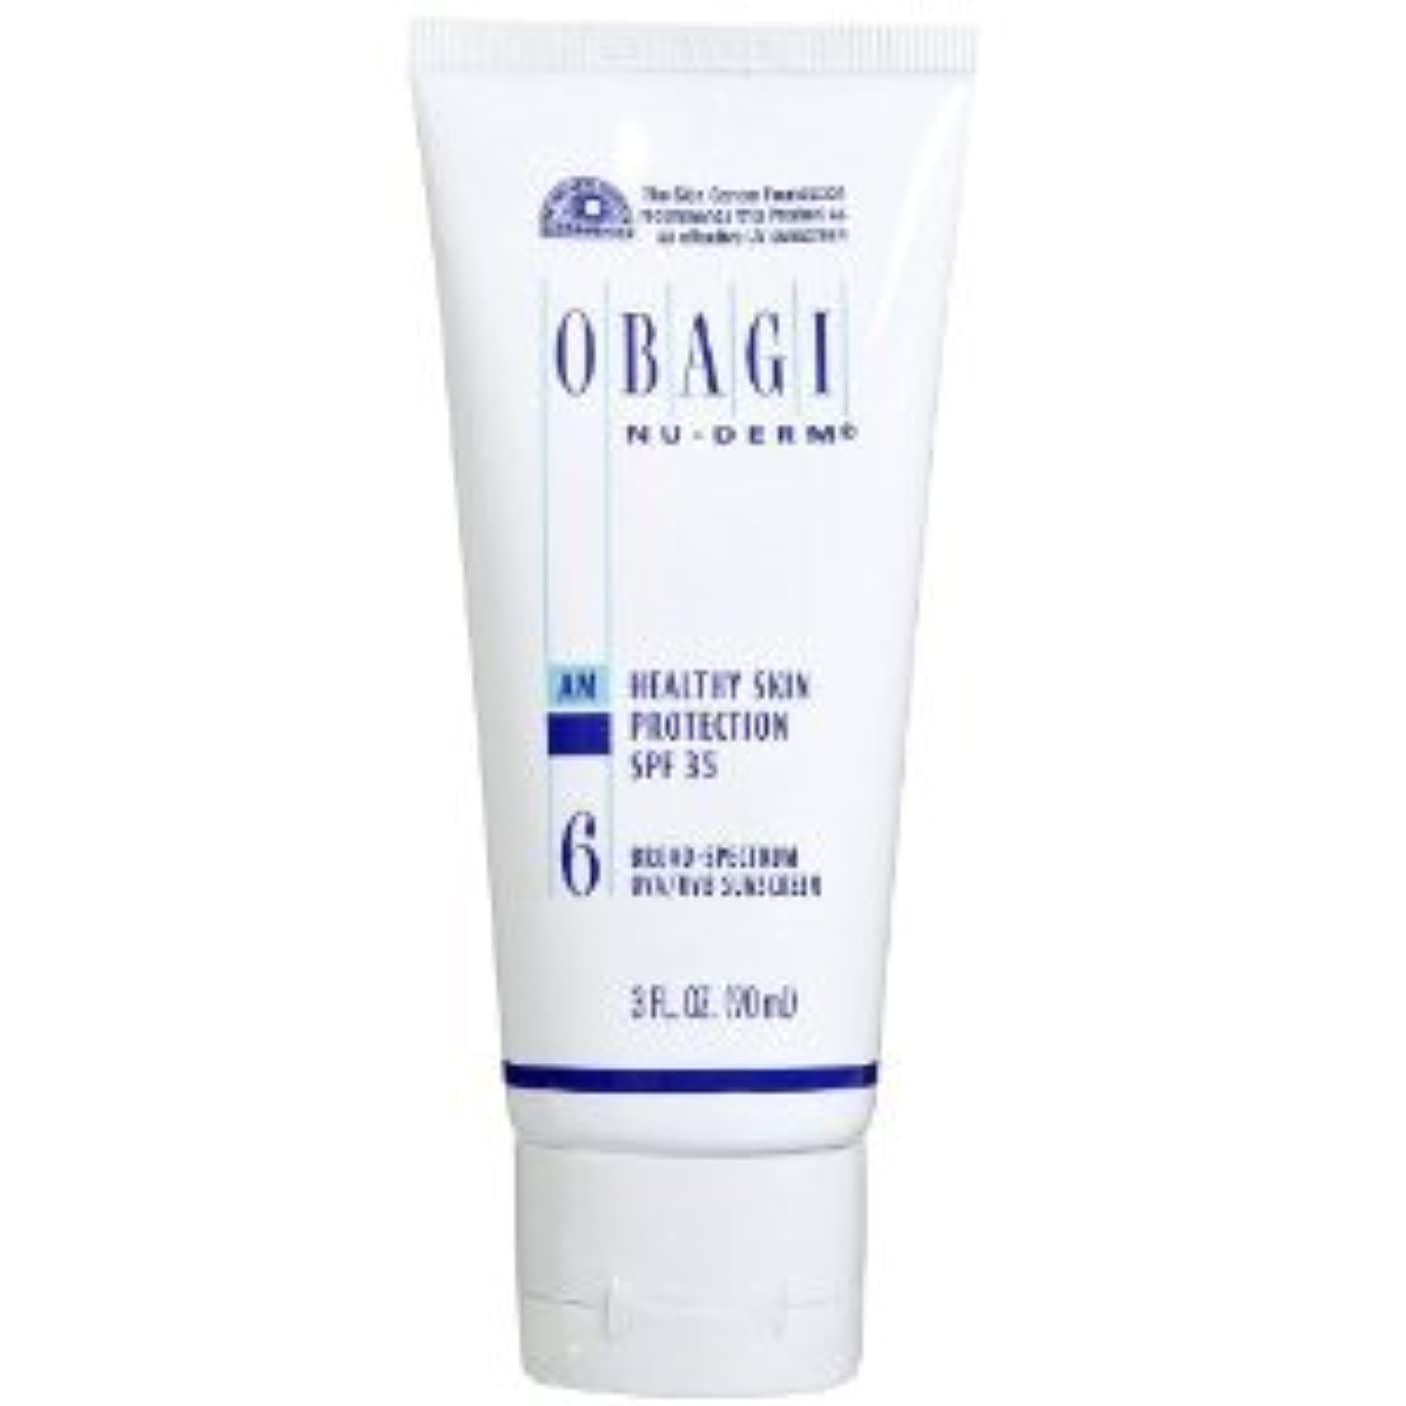 石灰岩シャッフル年金受給者オバジ ニューダーム スキンプロテクション サンスクリーン(SPF35) Obagi Nu-Derm Healthy Skin Protection SPF 35 Sunscreens